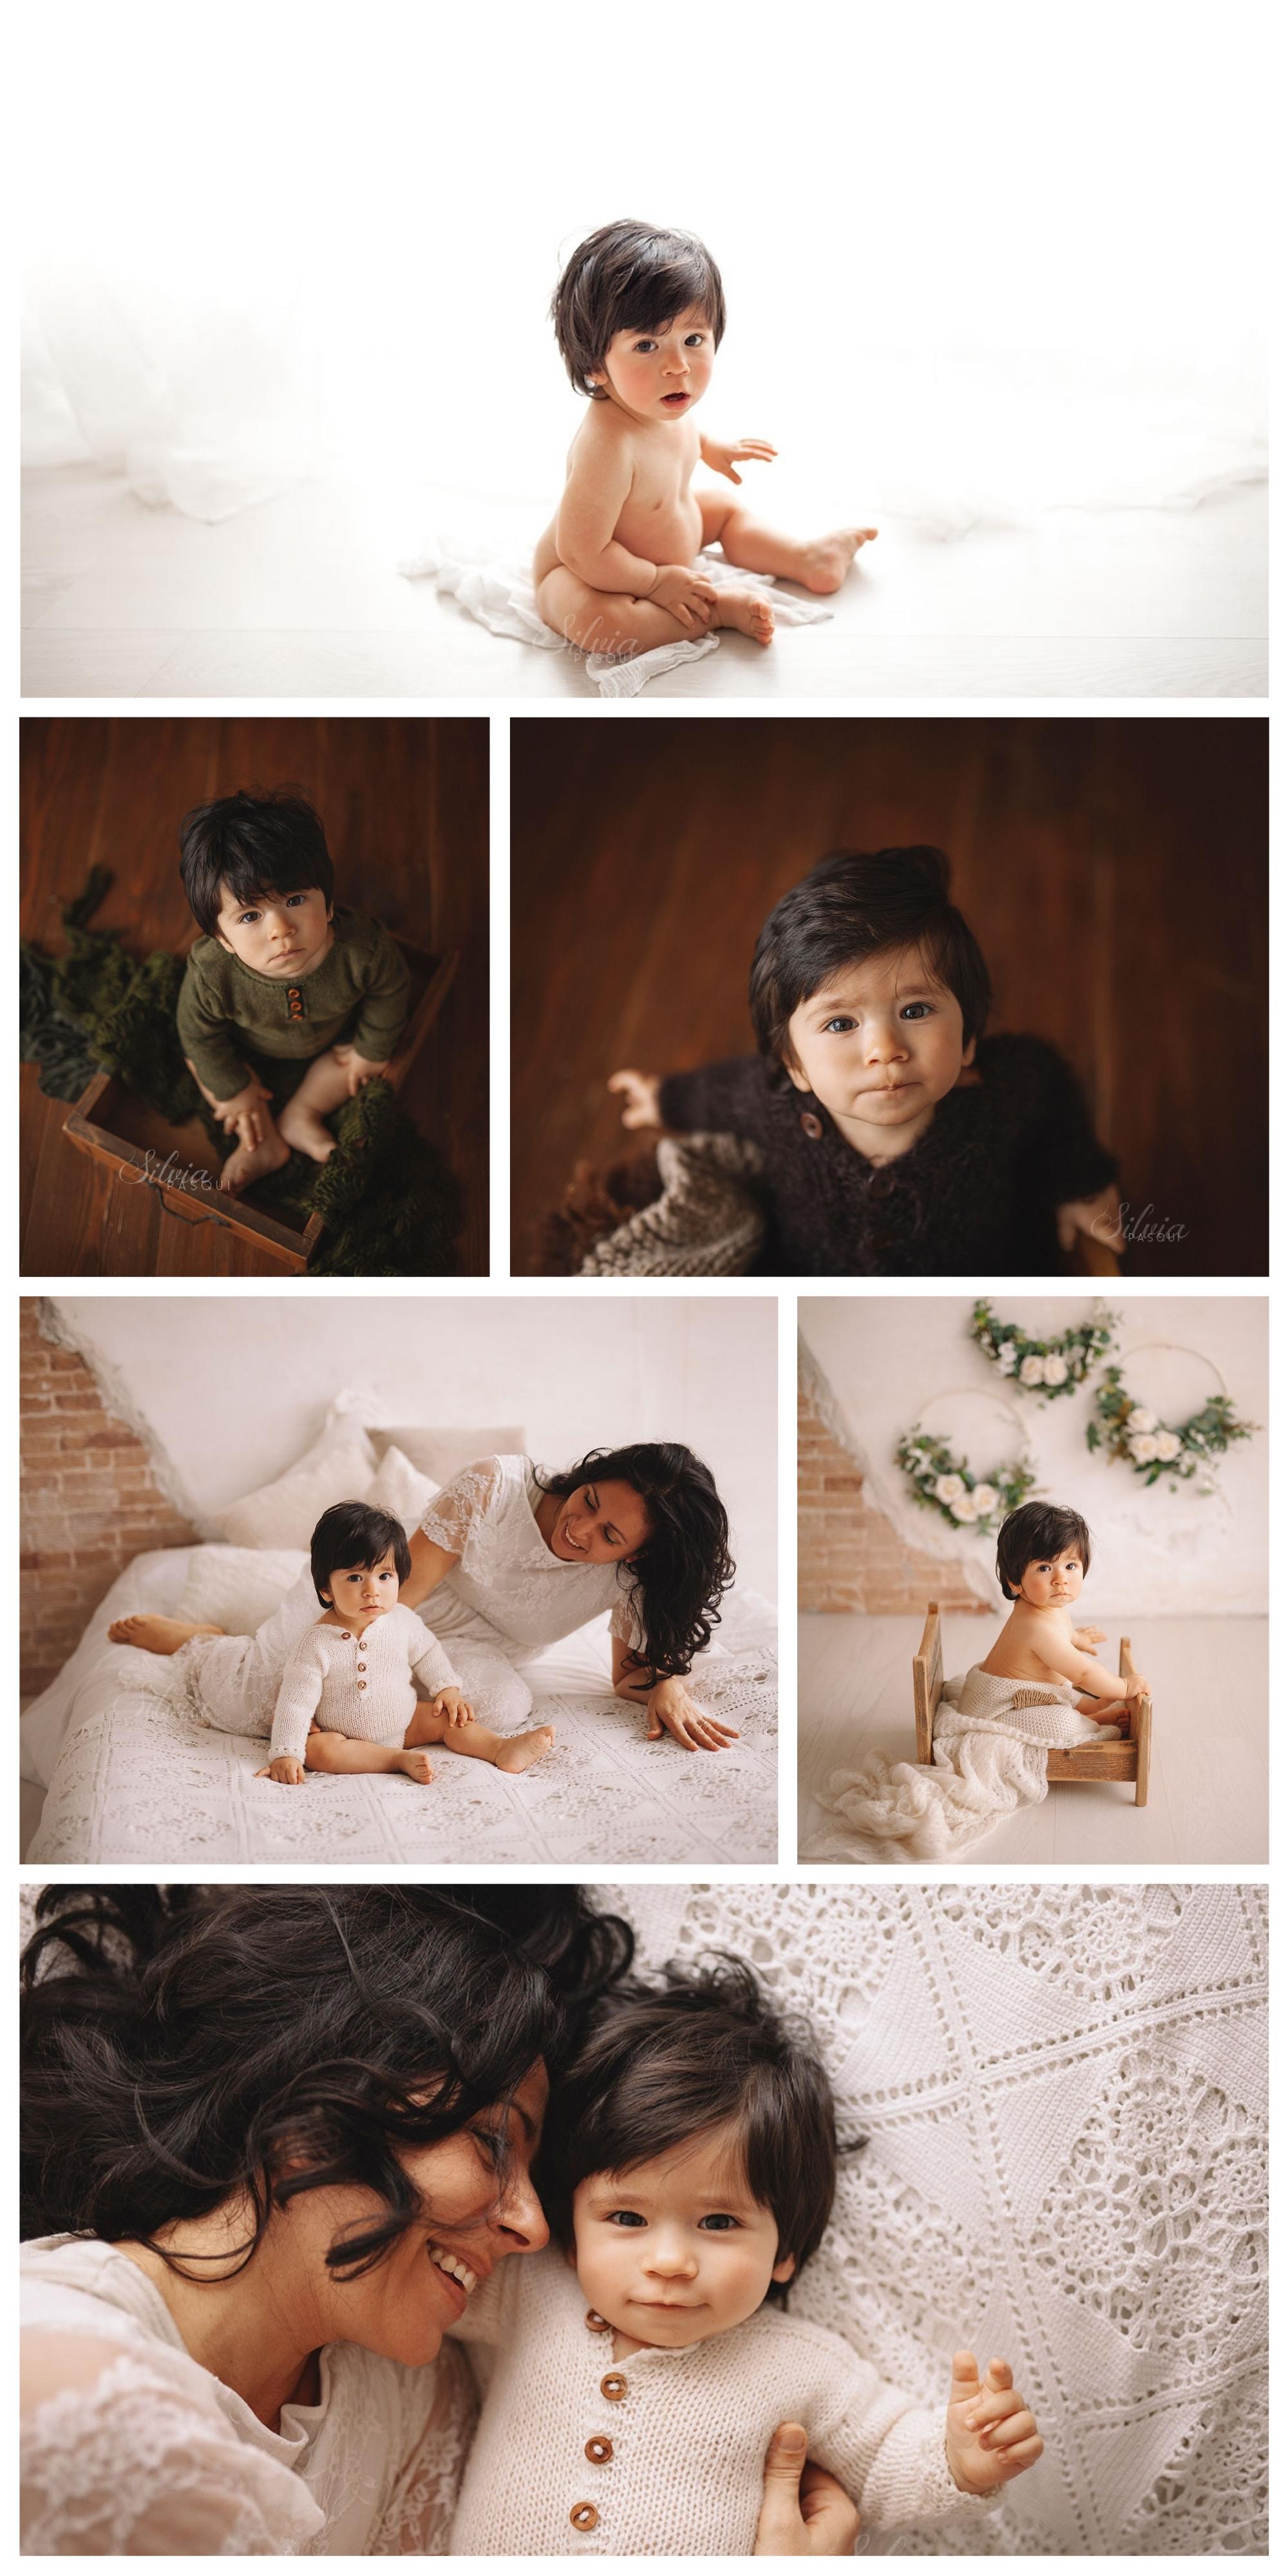 bambini piccoli-fotografa